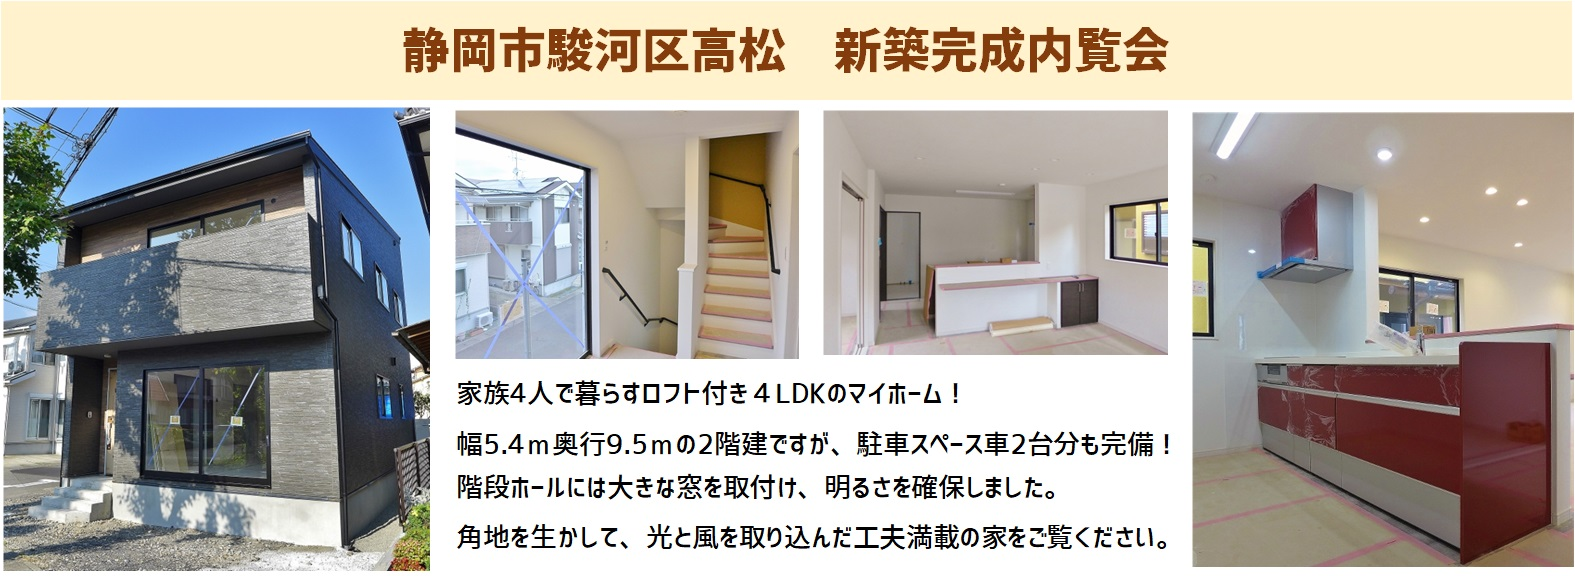 ◇駿河区高松で新築内覧会開催中◇